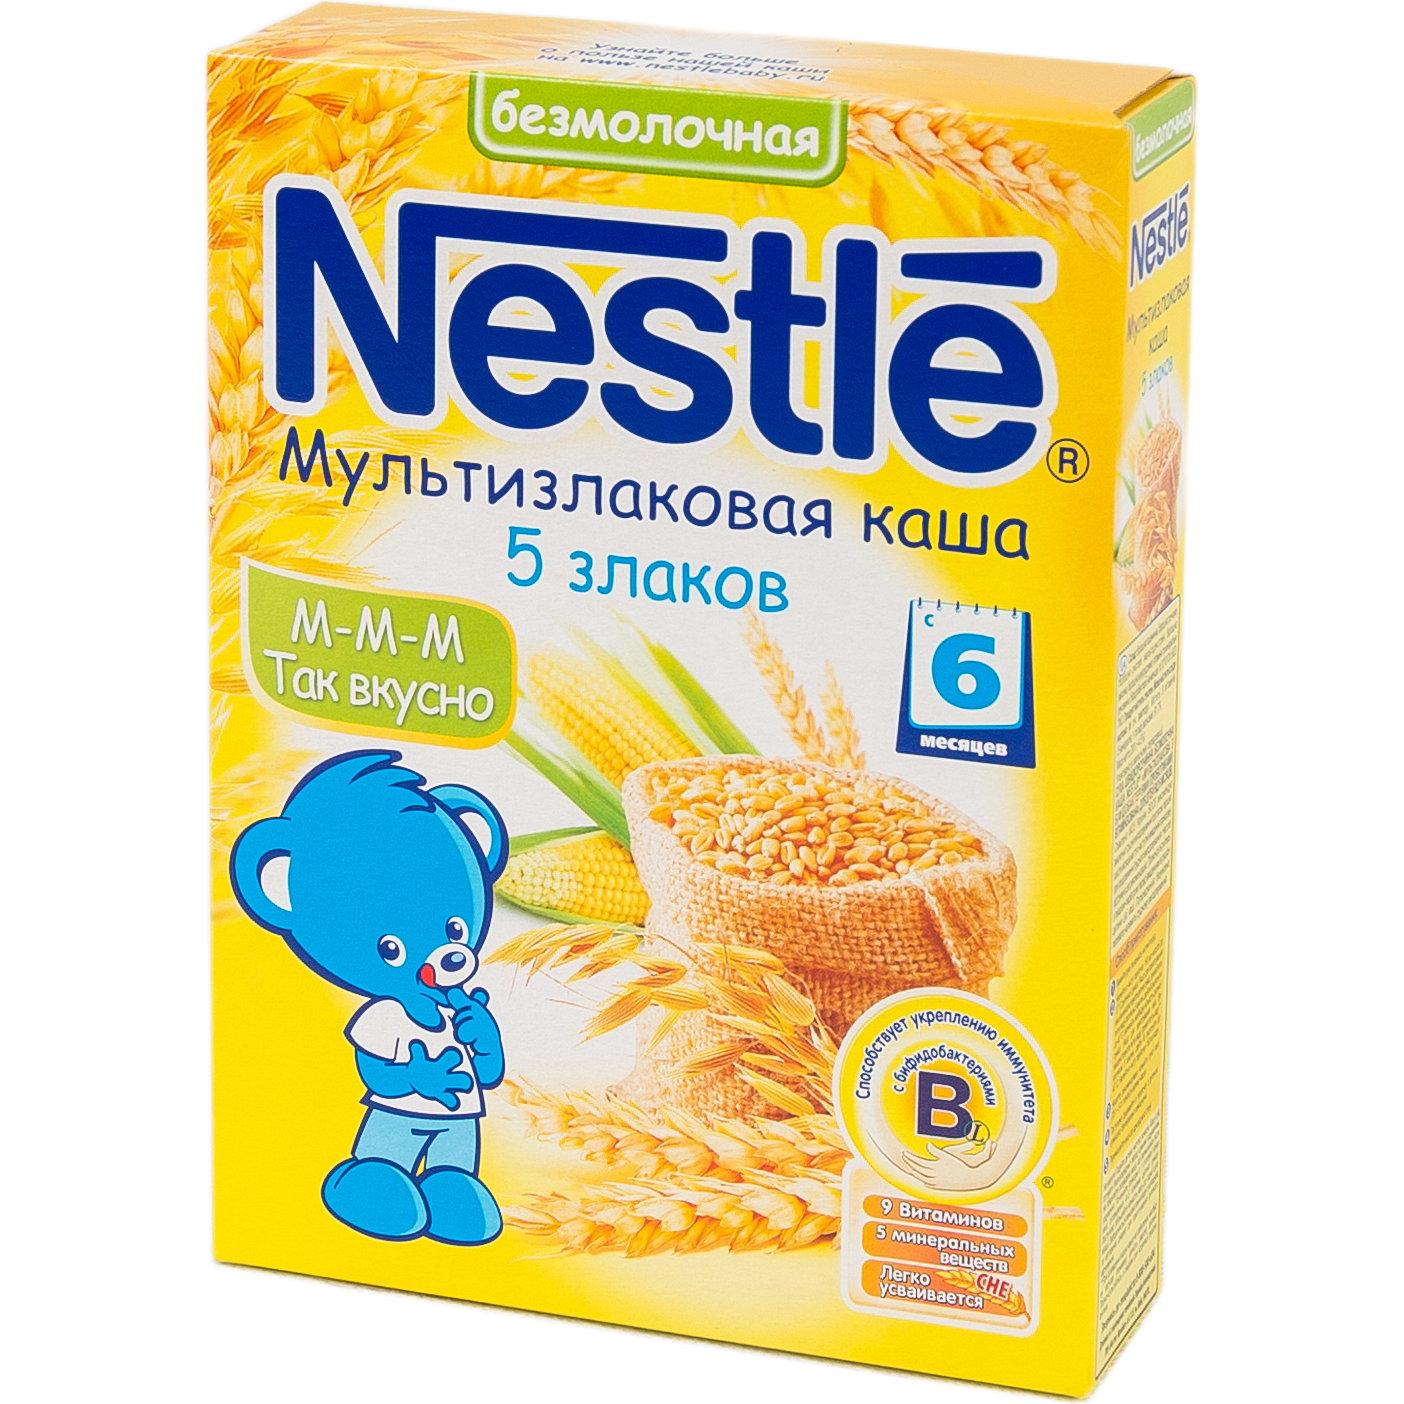 Каша Nestle безмолочная 200 гр Мультизлаковая 5 злаков (с 6 мес)<br>